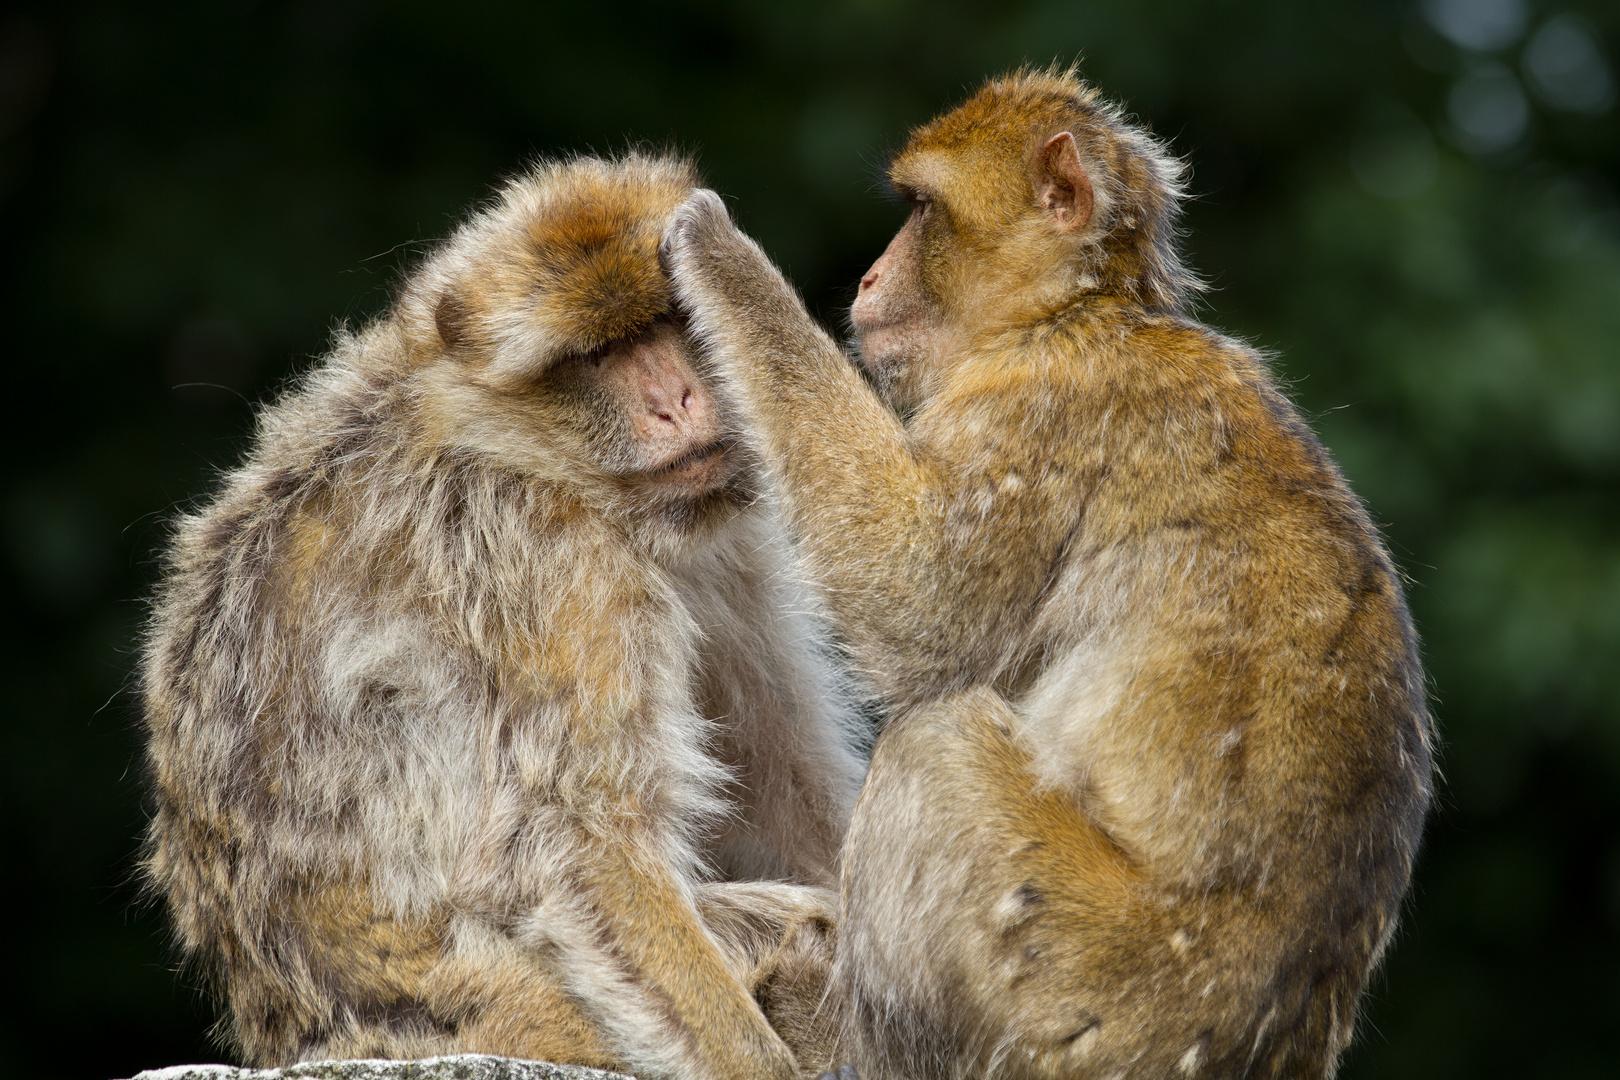 Körperpflege bei den Affen